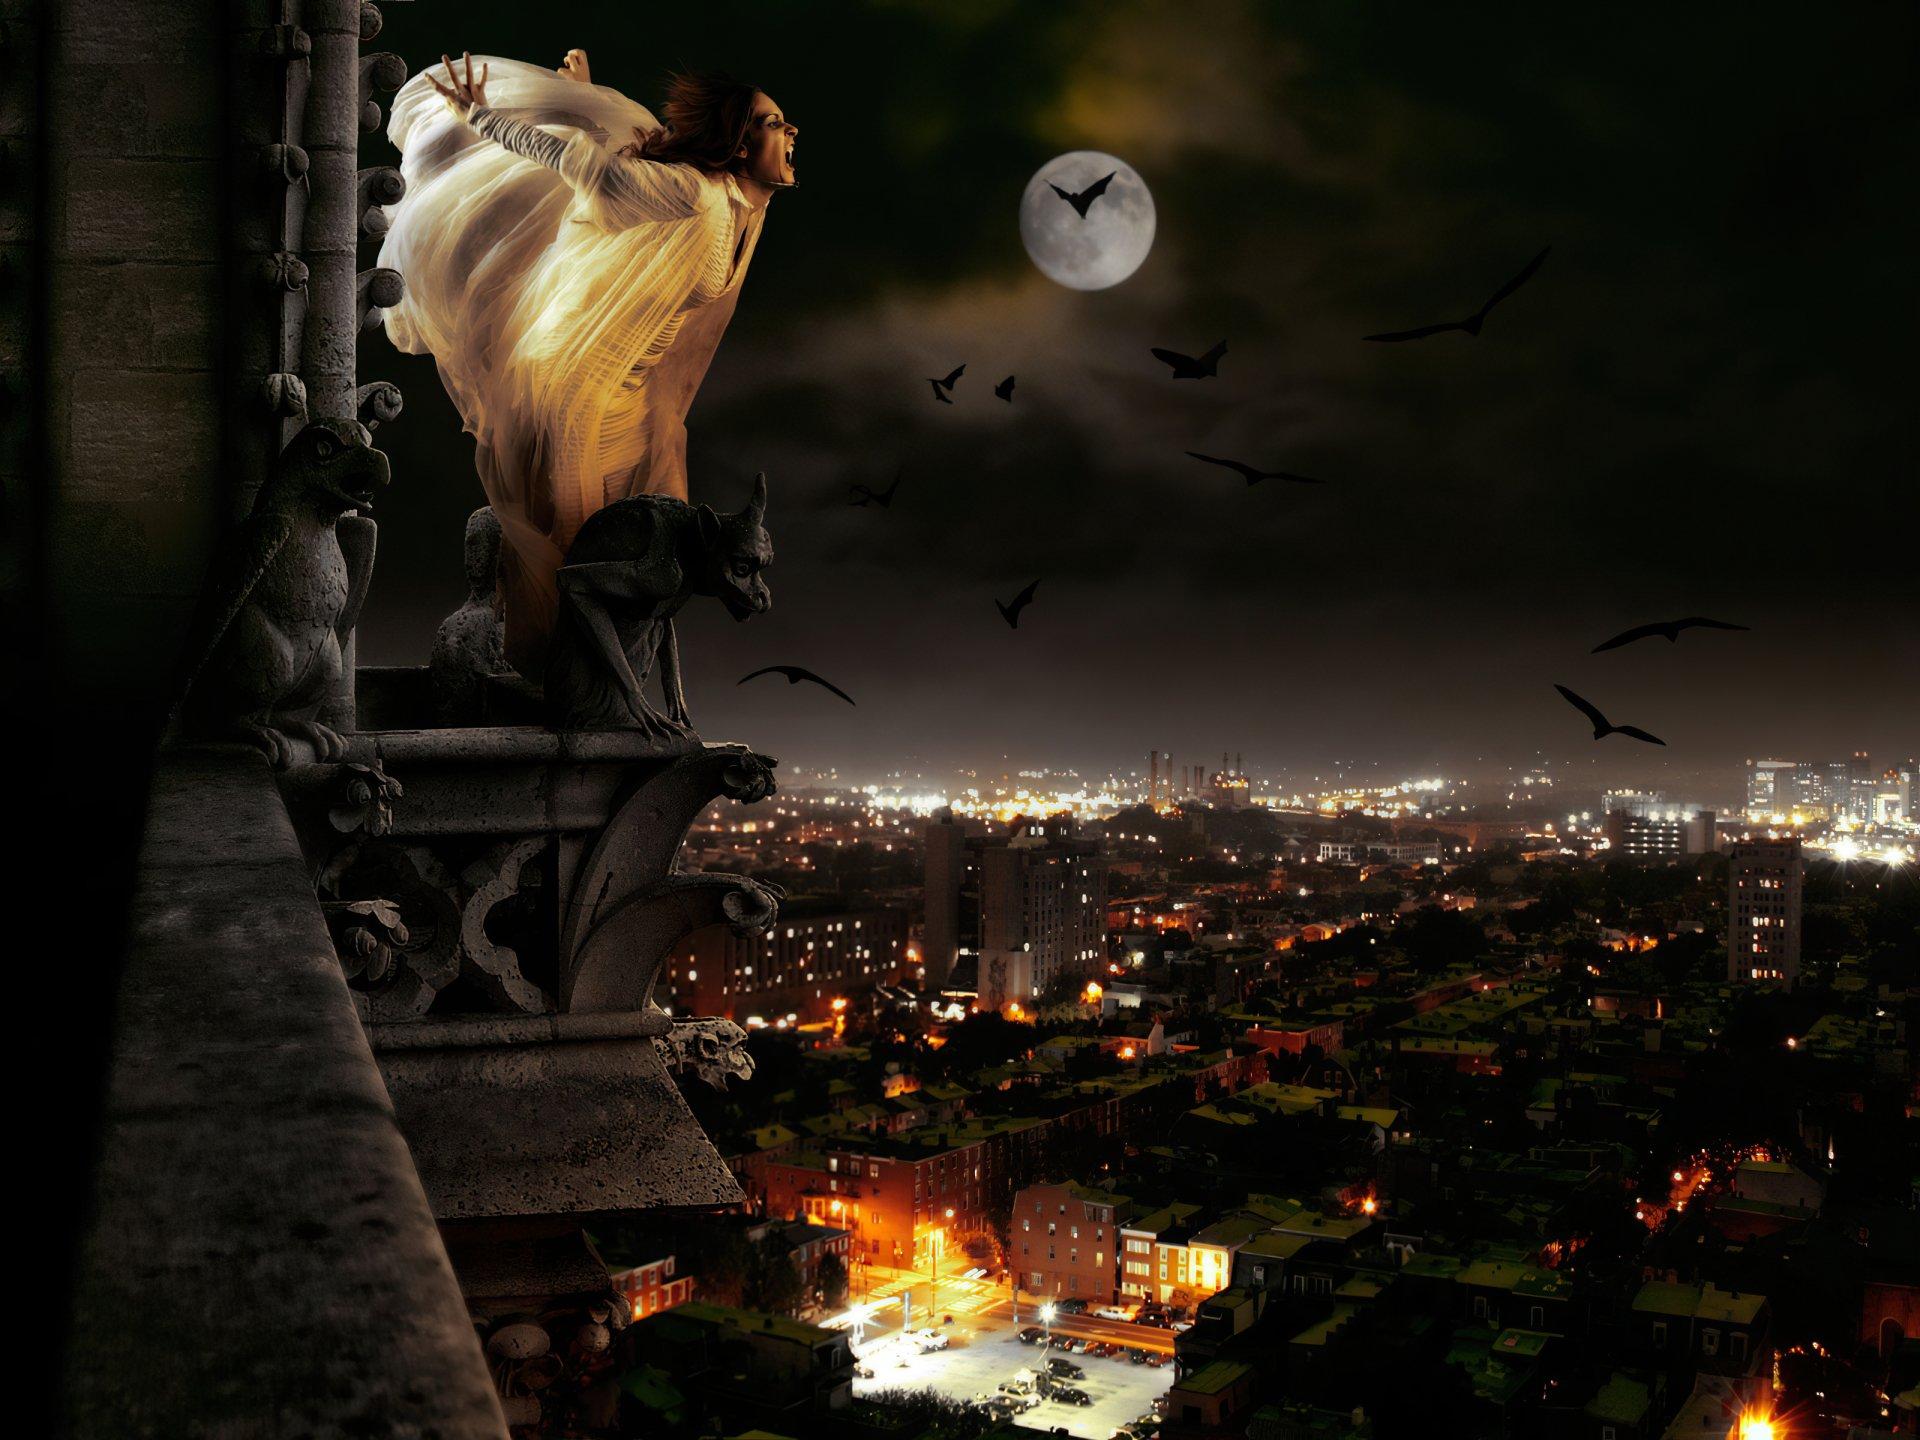 Dark - Vampire  Wallpaper